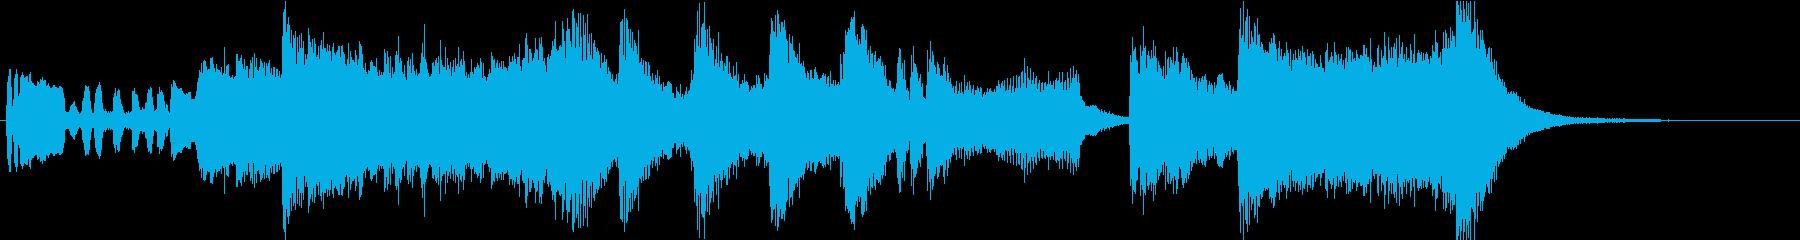 オーケストラによるファンファーレ01の再生済みの波形